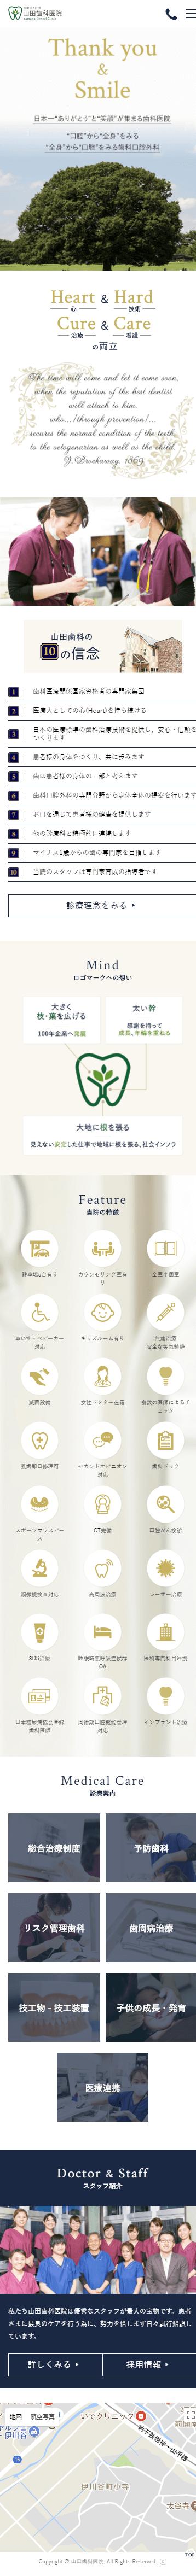 神戸市 山田歯科医院様 ホームページ制作3